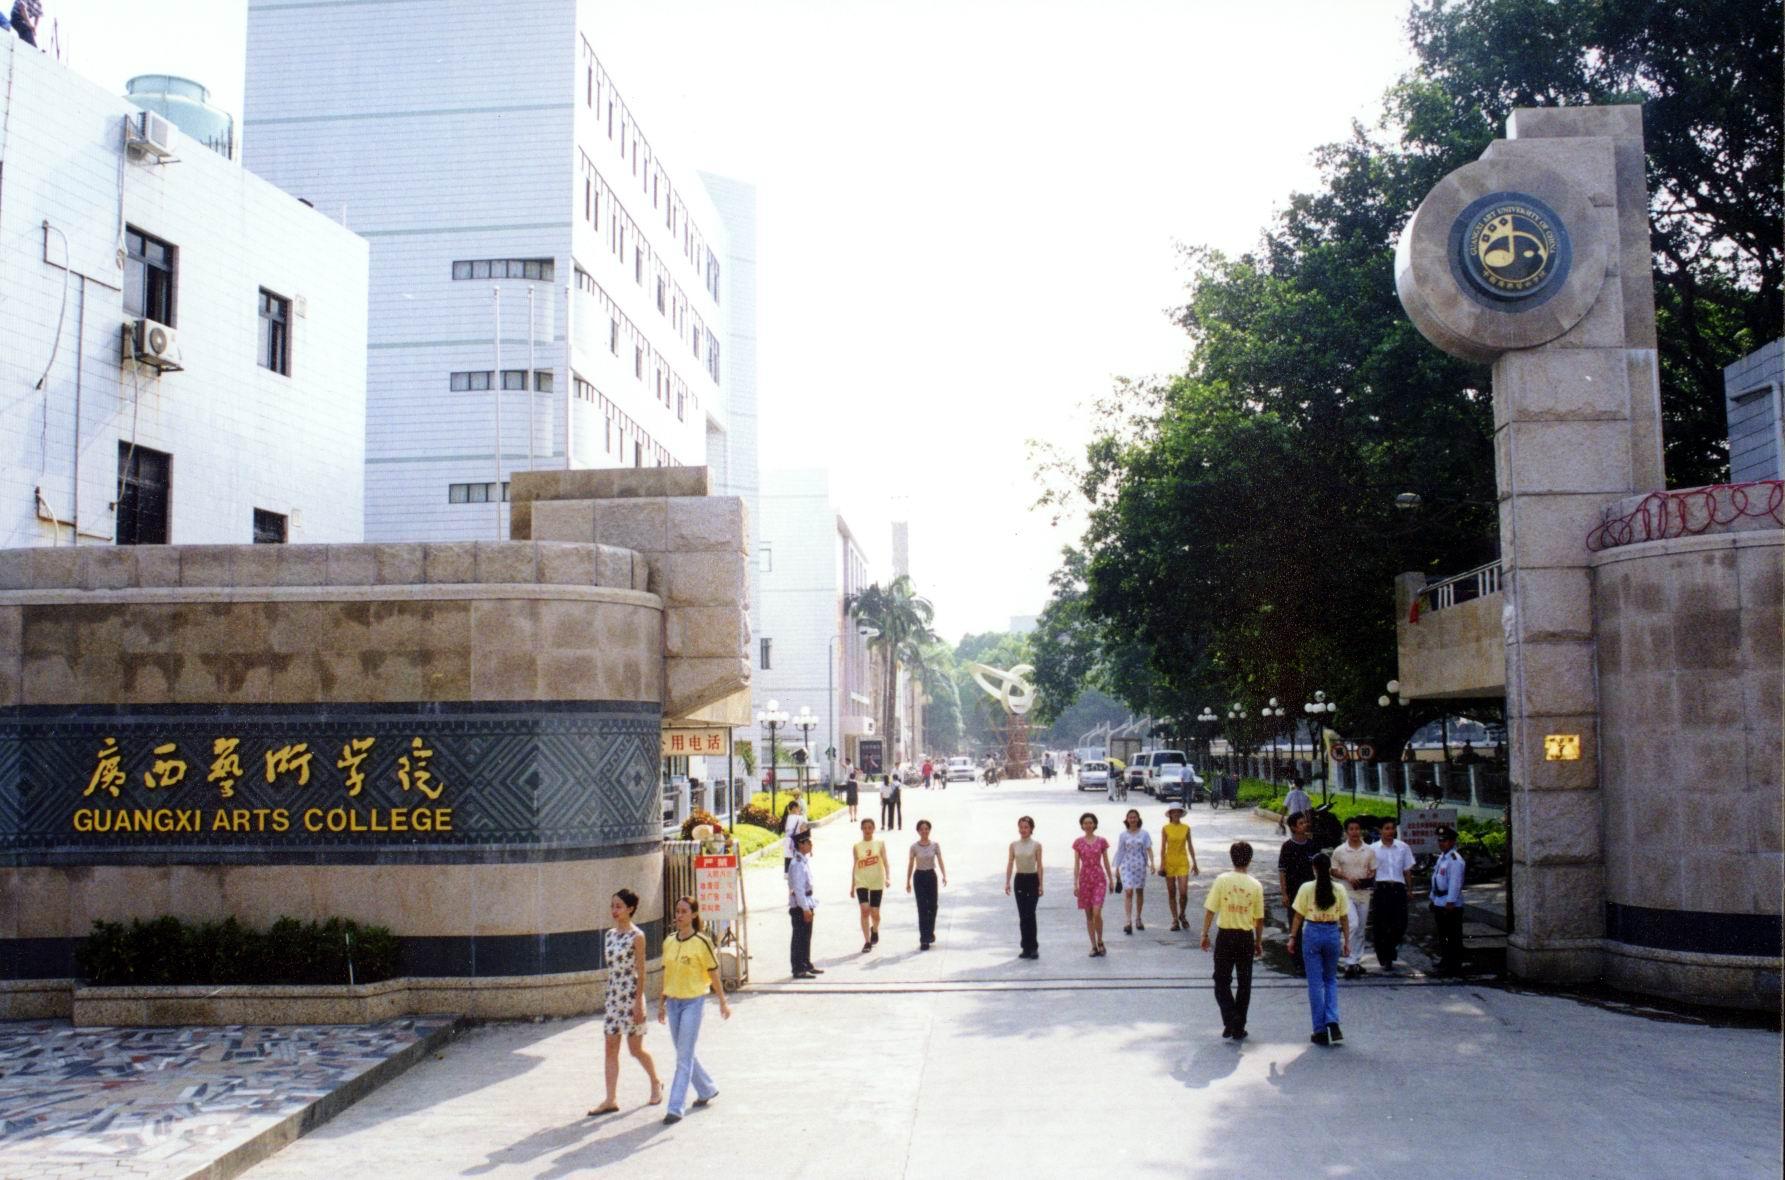 广西艺术学院校园风光